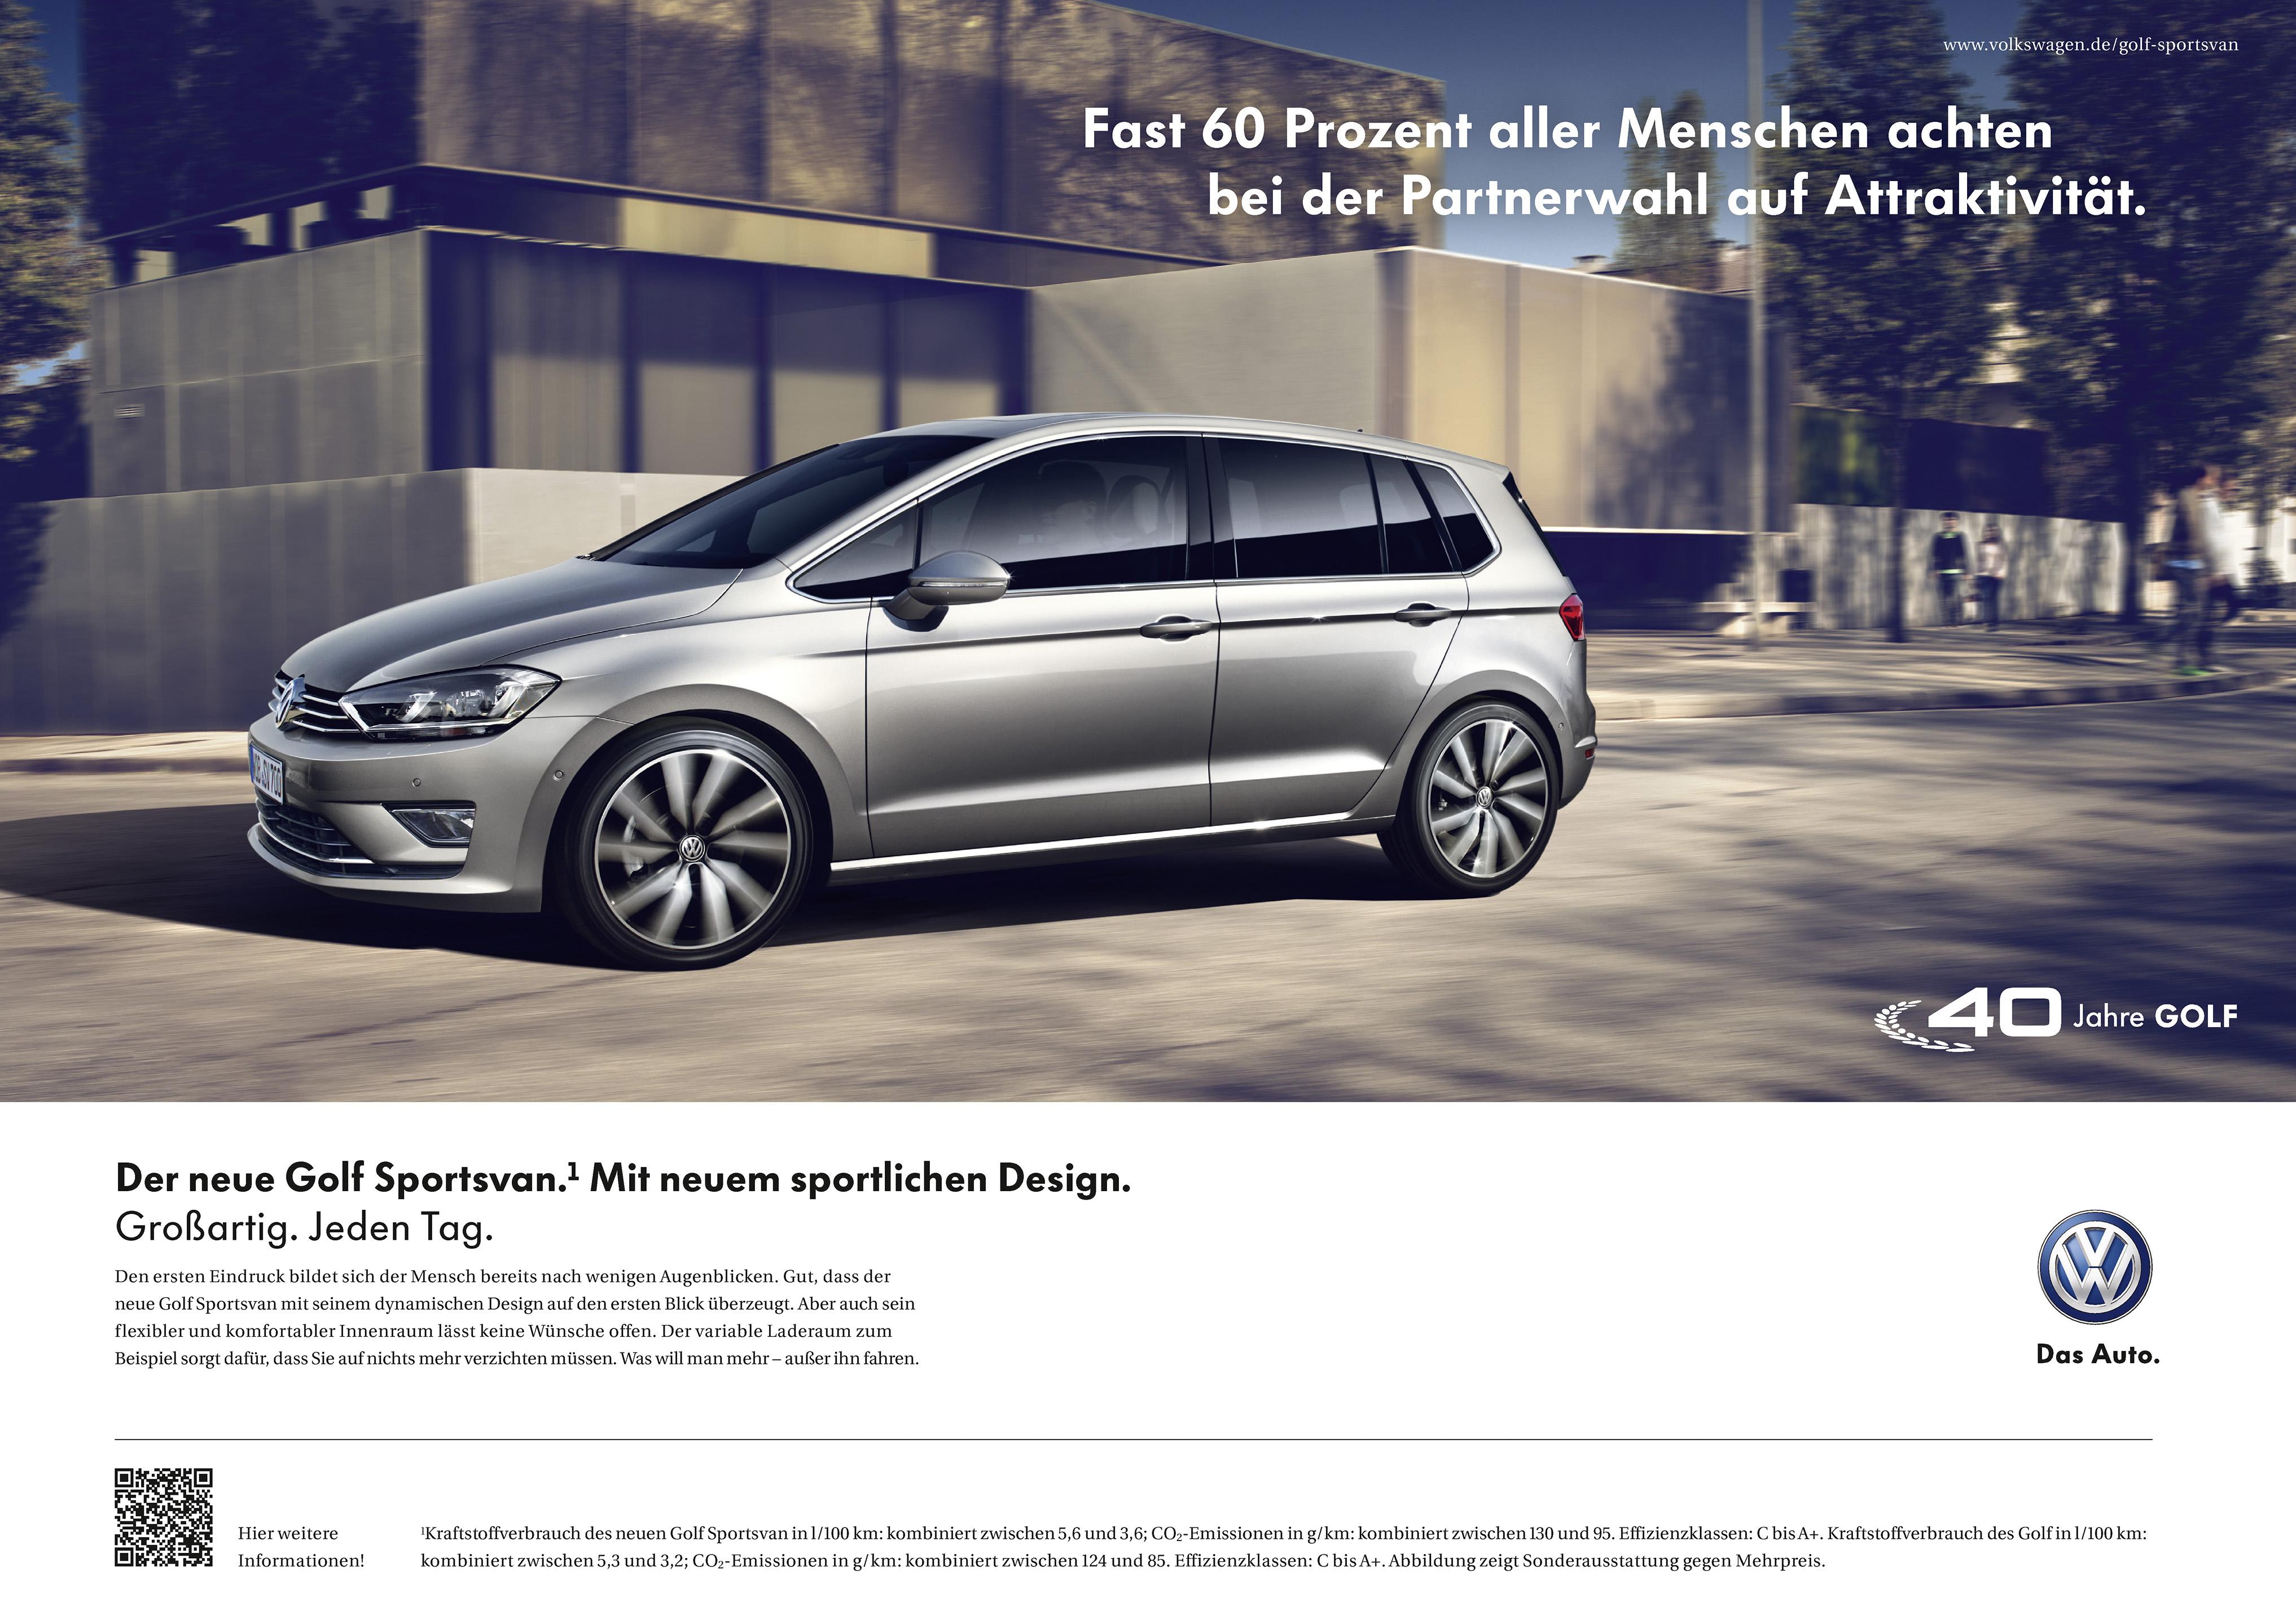 golf sportsvan kampagne ueberraschung auf der hinterbank